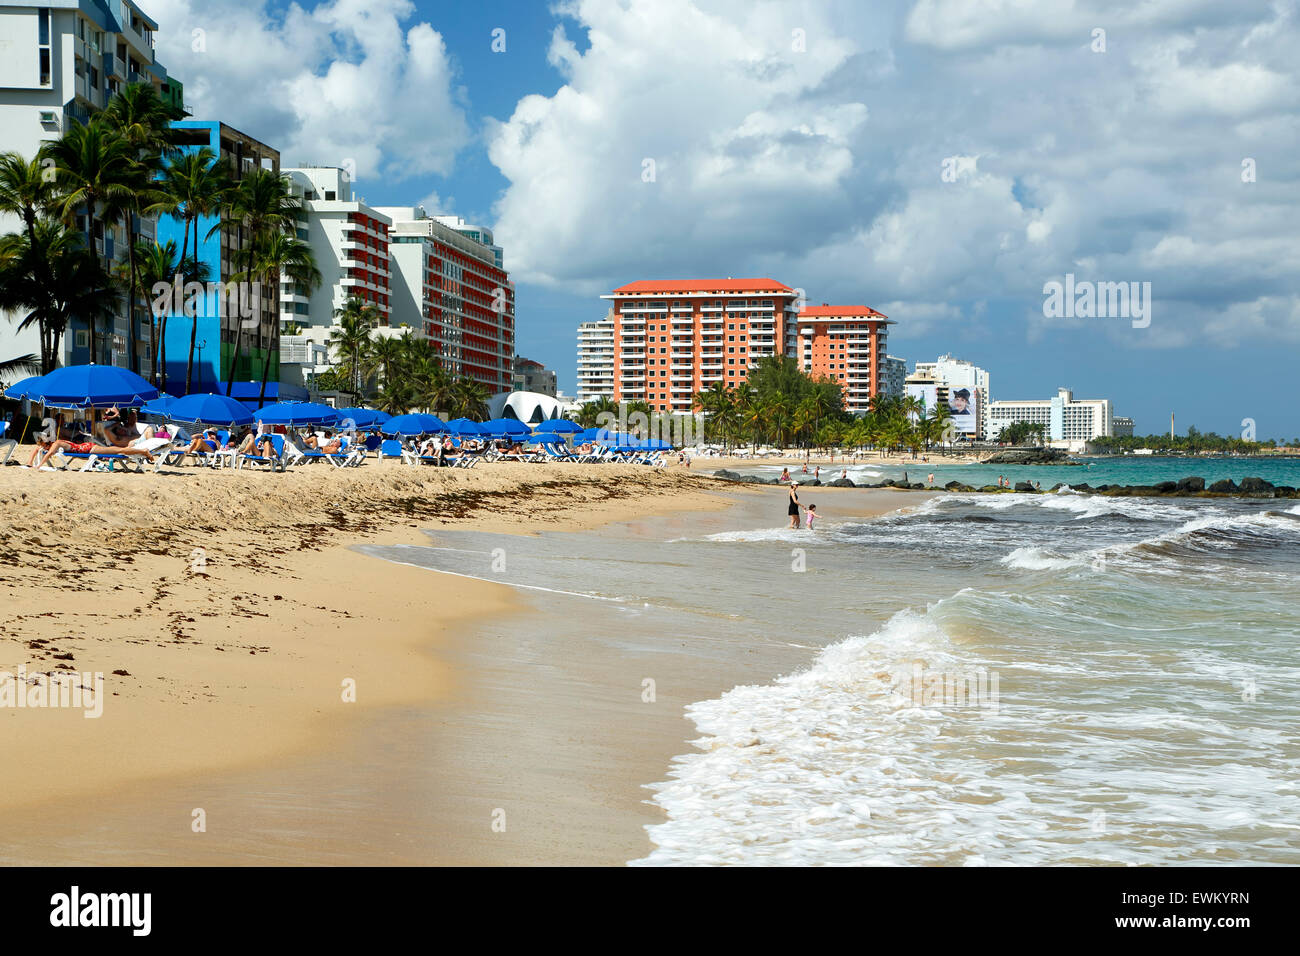 El Condado Beach, blue umbrellas and skyline, El Condado, San Juan, Puerto Rico - Stock Image